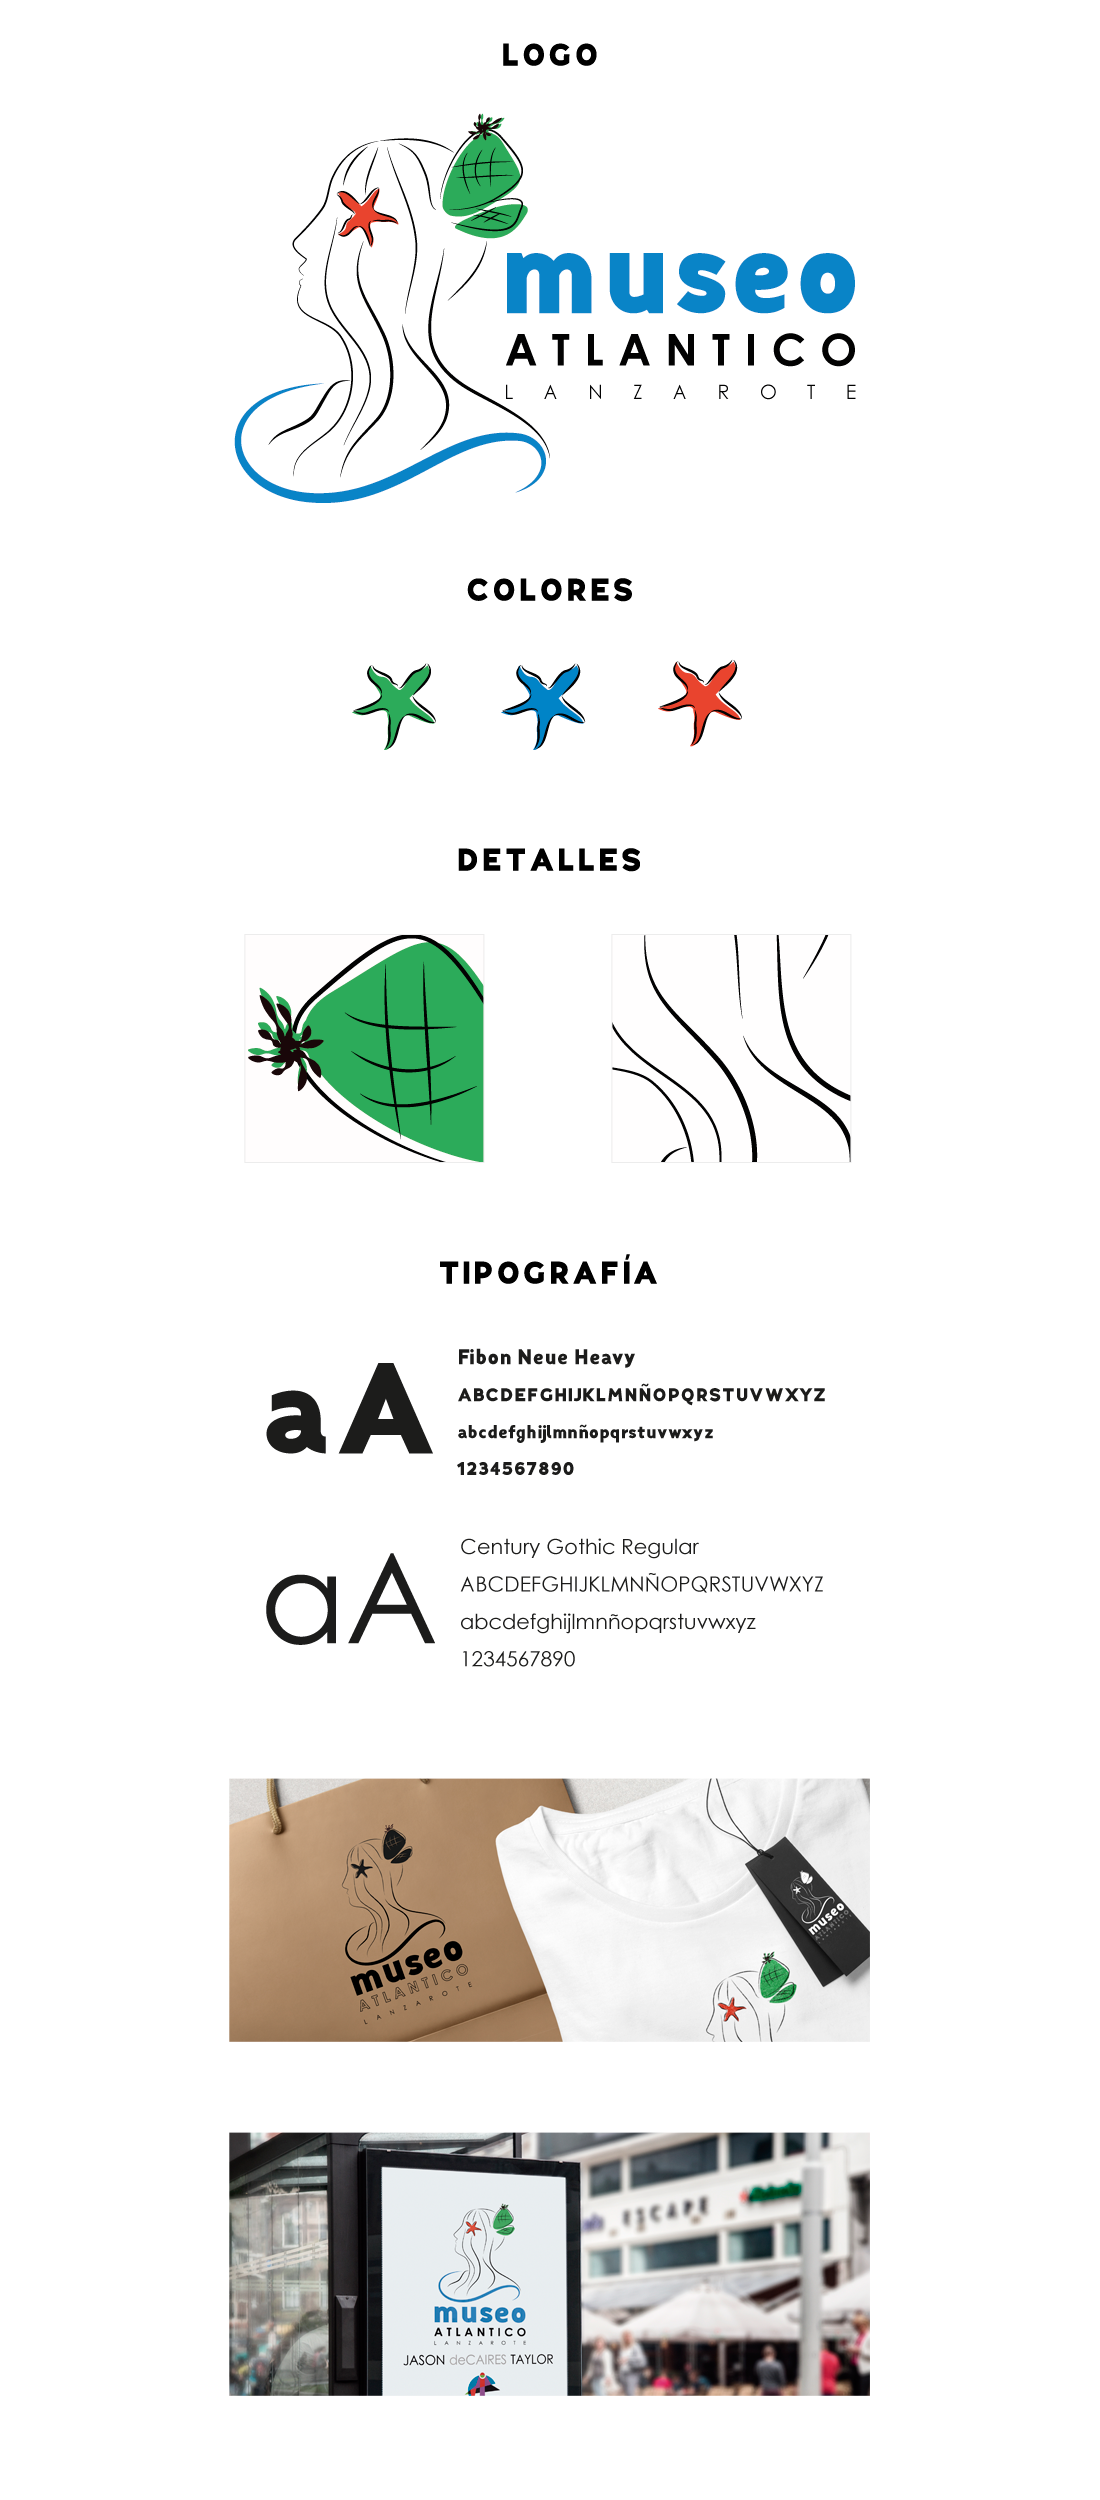 Propuesta presentada para la identidad corporativa del Museo Atlántico de Lanzarote